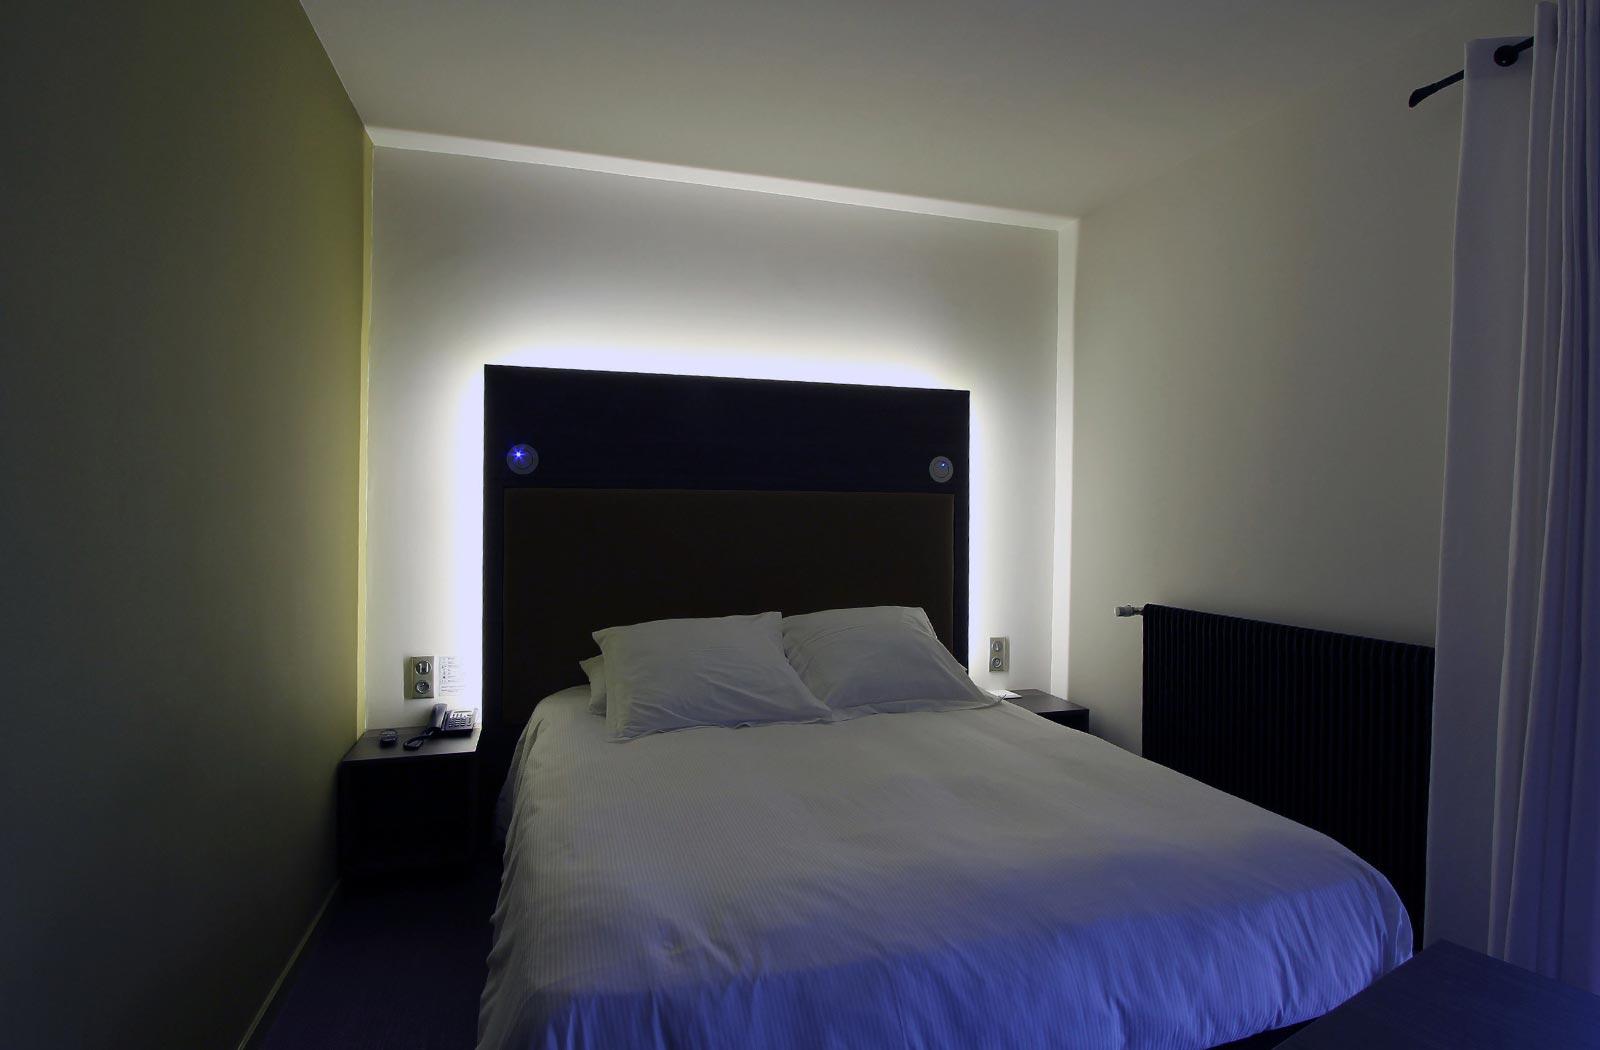 chambre harmonie h tel 4 toiles la montagne de brancion entre tournus et cluny la montagne de. Black Bedroom Furniture Sets. Home Design Ideas